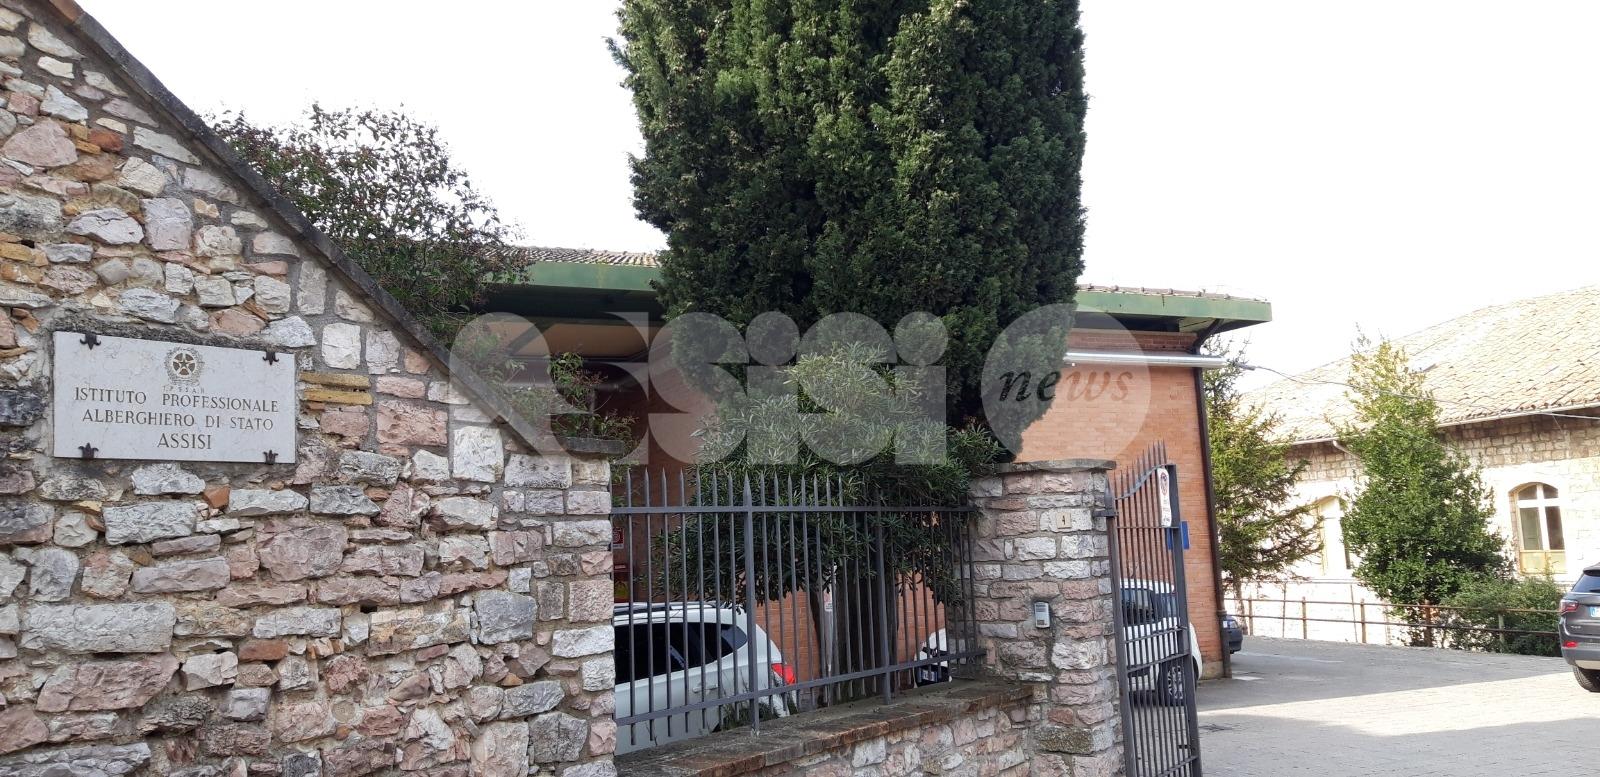 Alla scoperta del cibo sano e sostenibile, gli alunni dell'alberghiero di Assisi studiano i prodotti alimentari